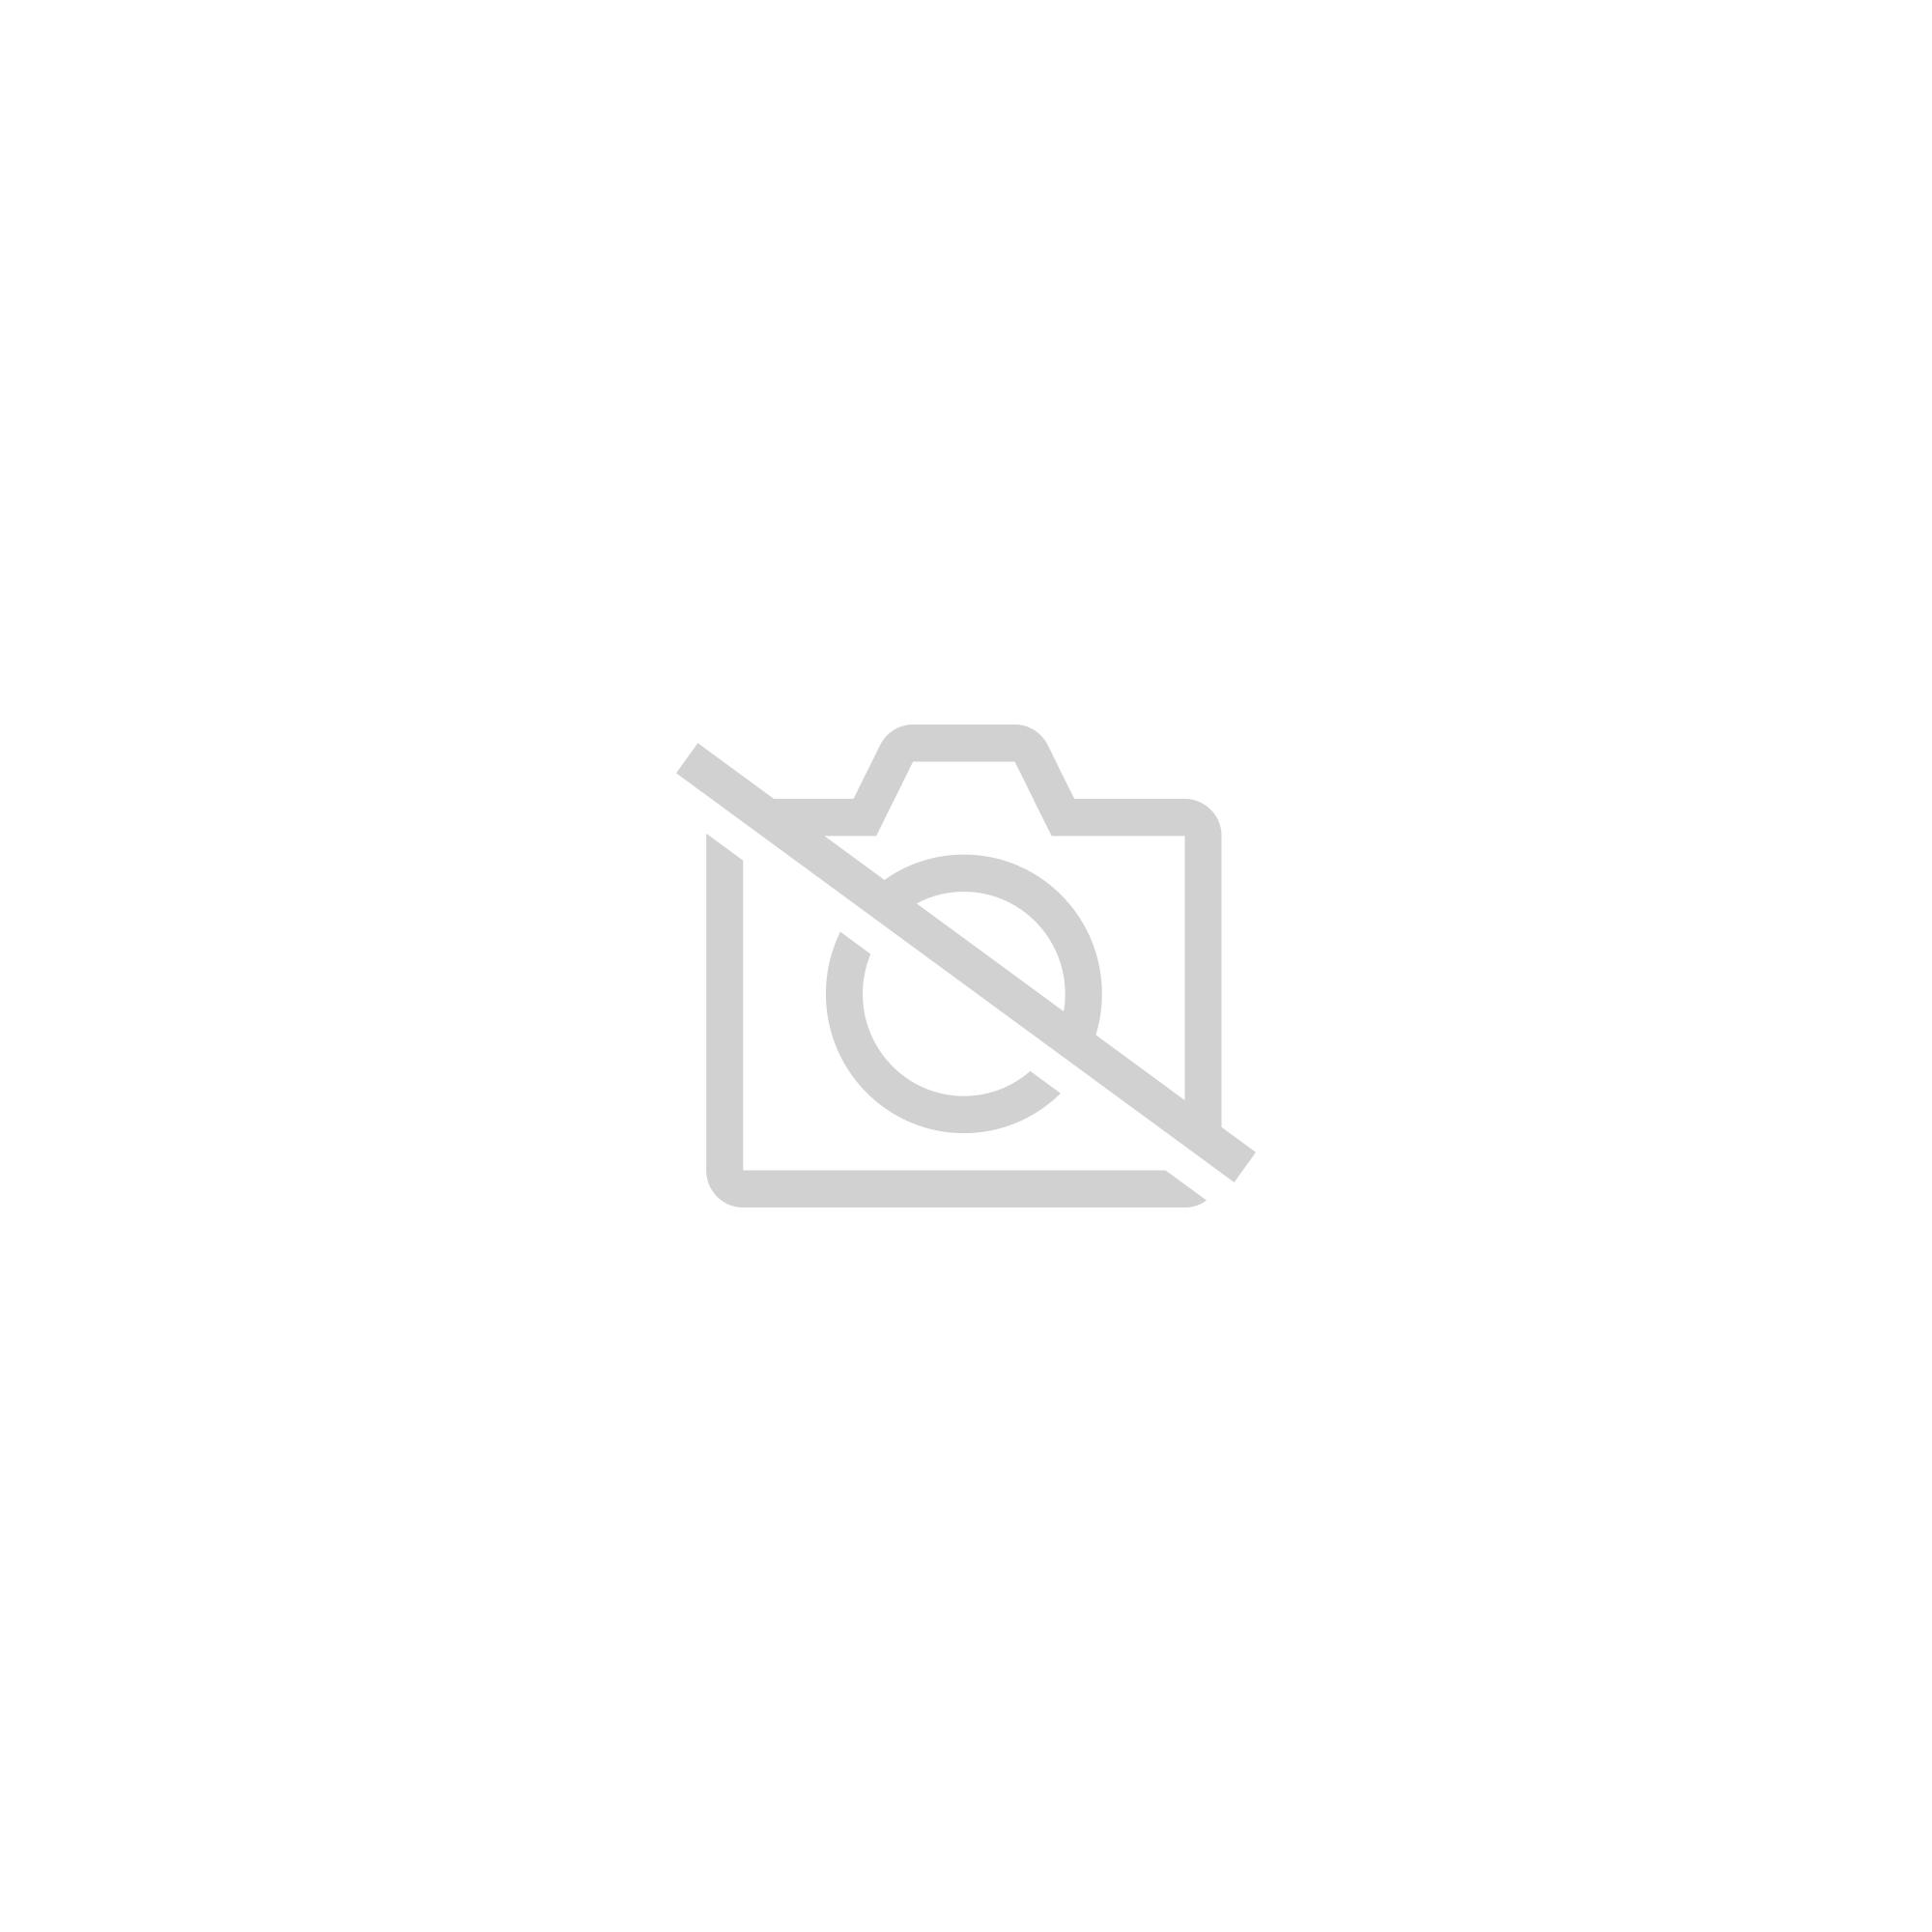 Mignon Panda-Forme 720p Hd Sans Fil/Câblé Caché Surveillance Ip Camera Wifi P2p Webcam